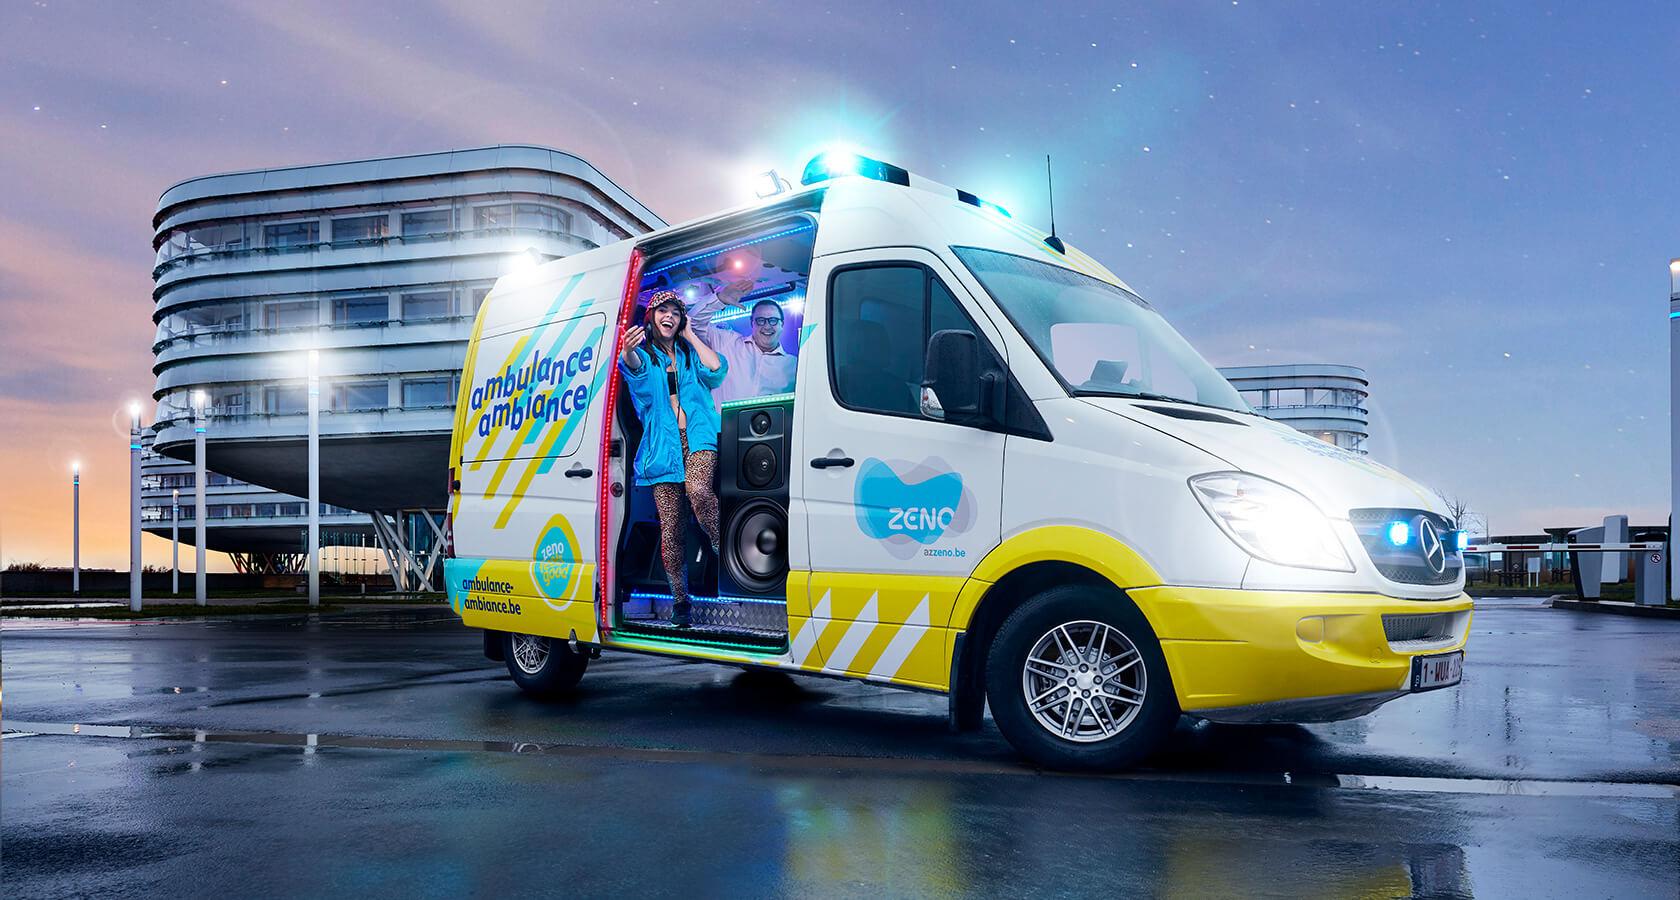 ambulance ambiance - az Zeno